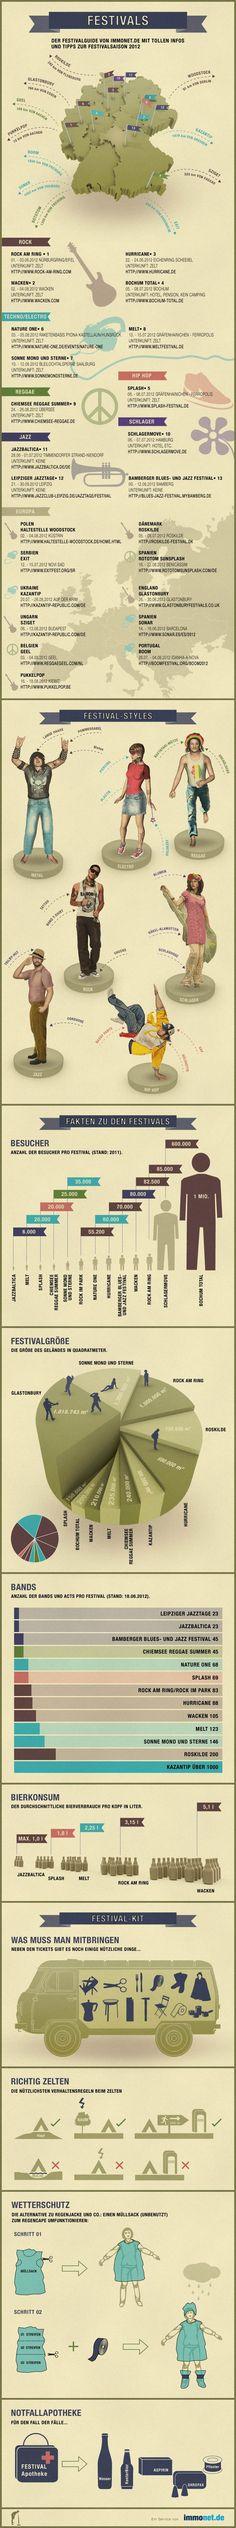 Der Festivalguide von Immonet.de mit tollen Infos und Tipps zur Festivalsaison 2012